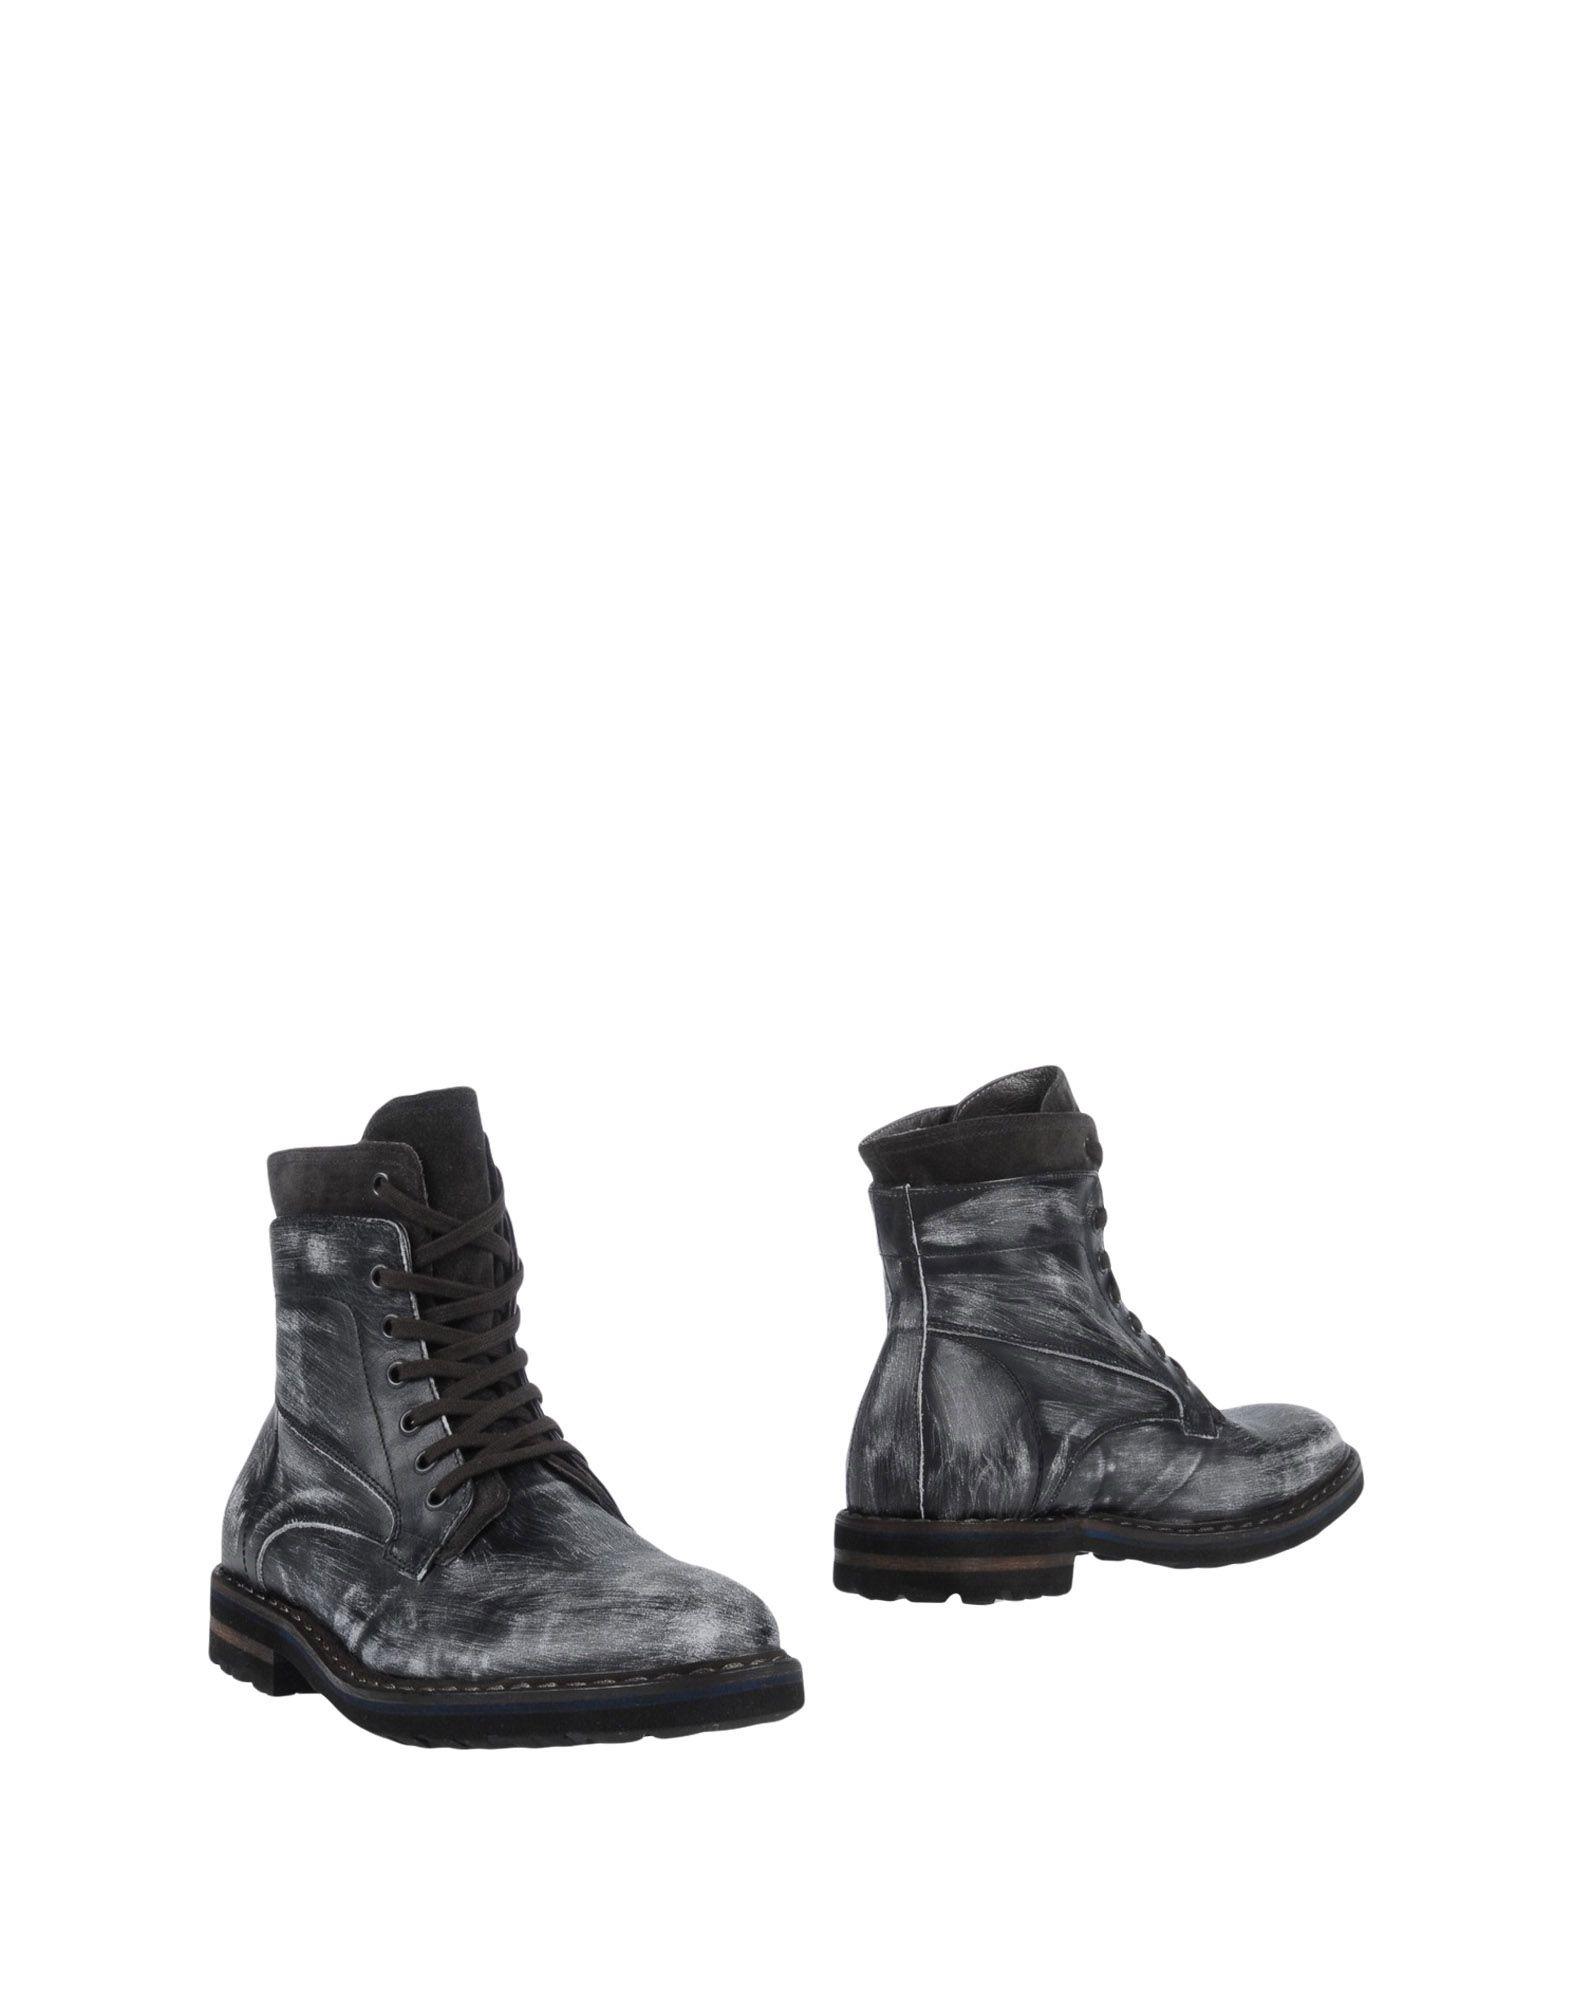 EVEET Boots in Grey